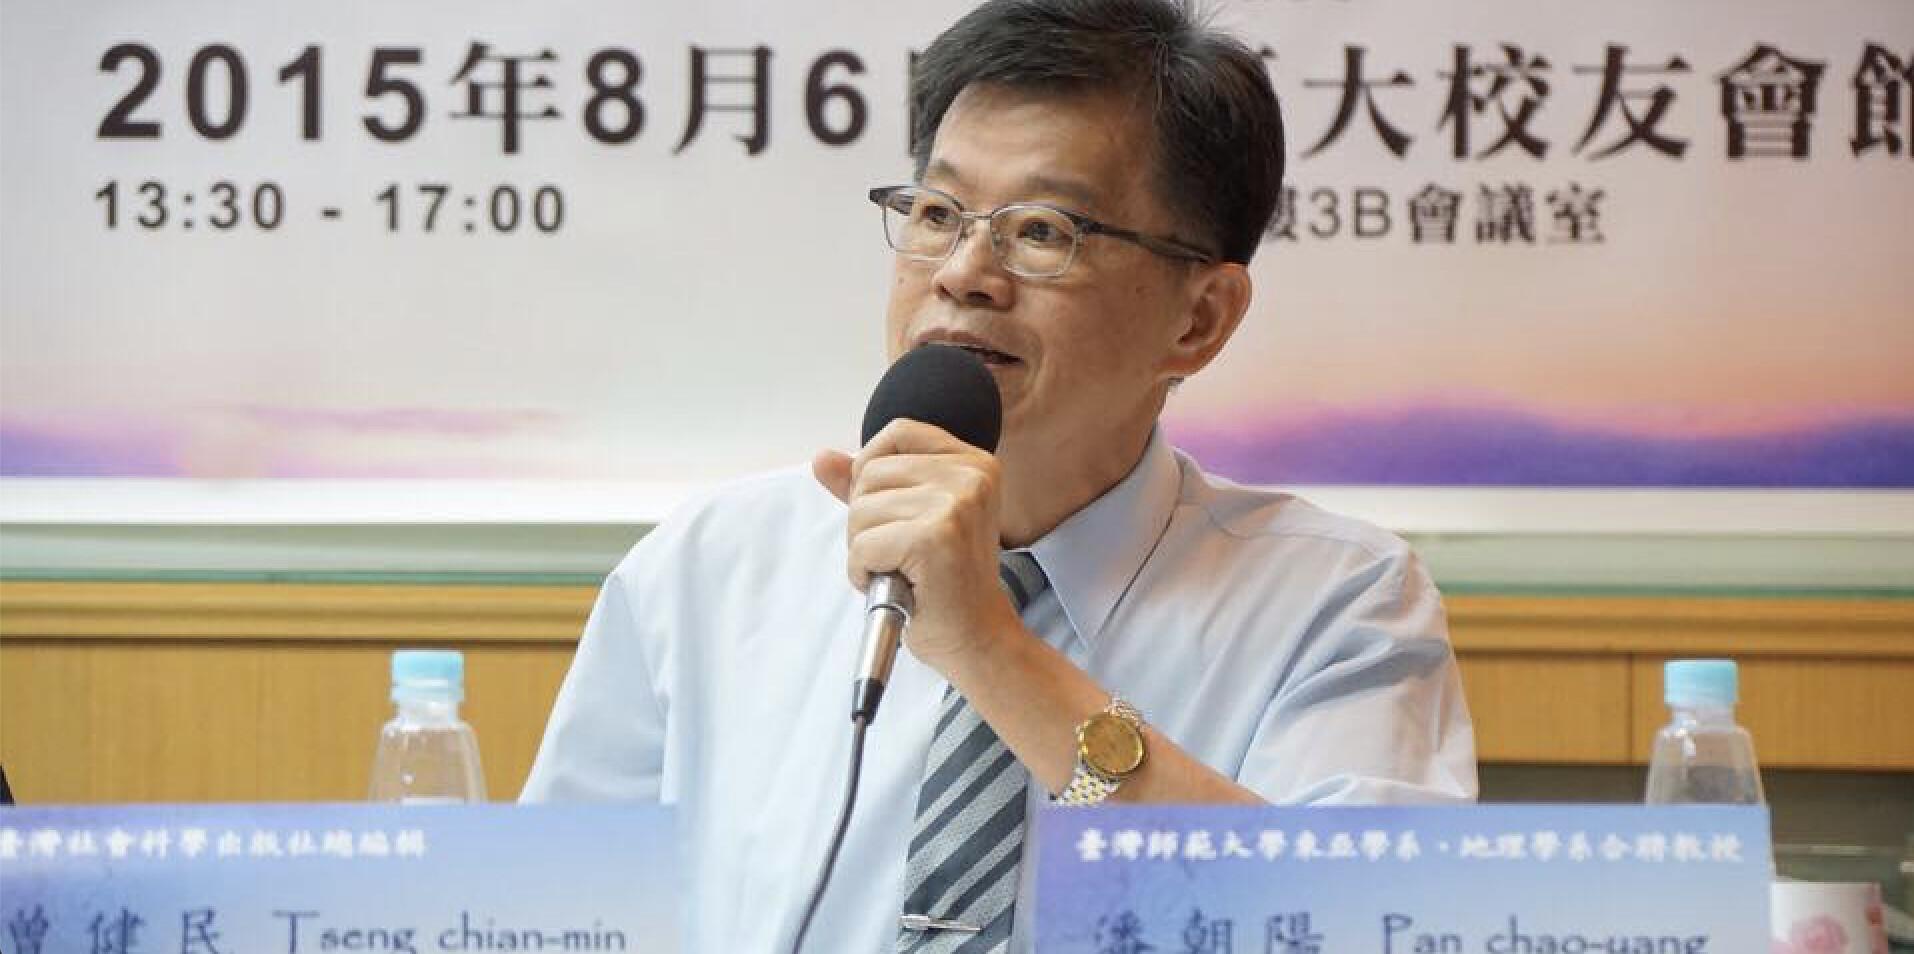 曾健民醫師2015年出席東亞和平研討會,與琉球/沖繩學者對談。(資料照片/攝影:王顥中)